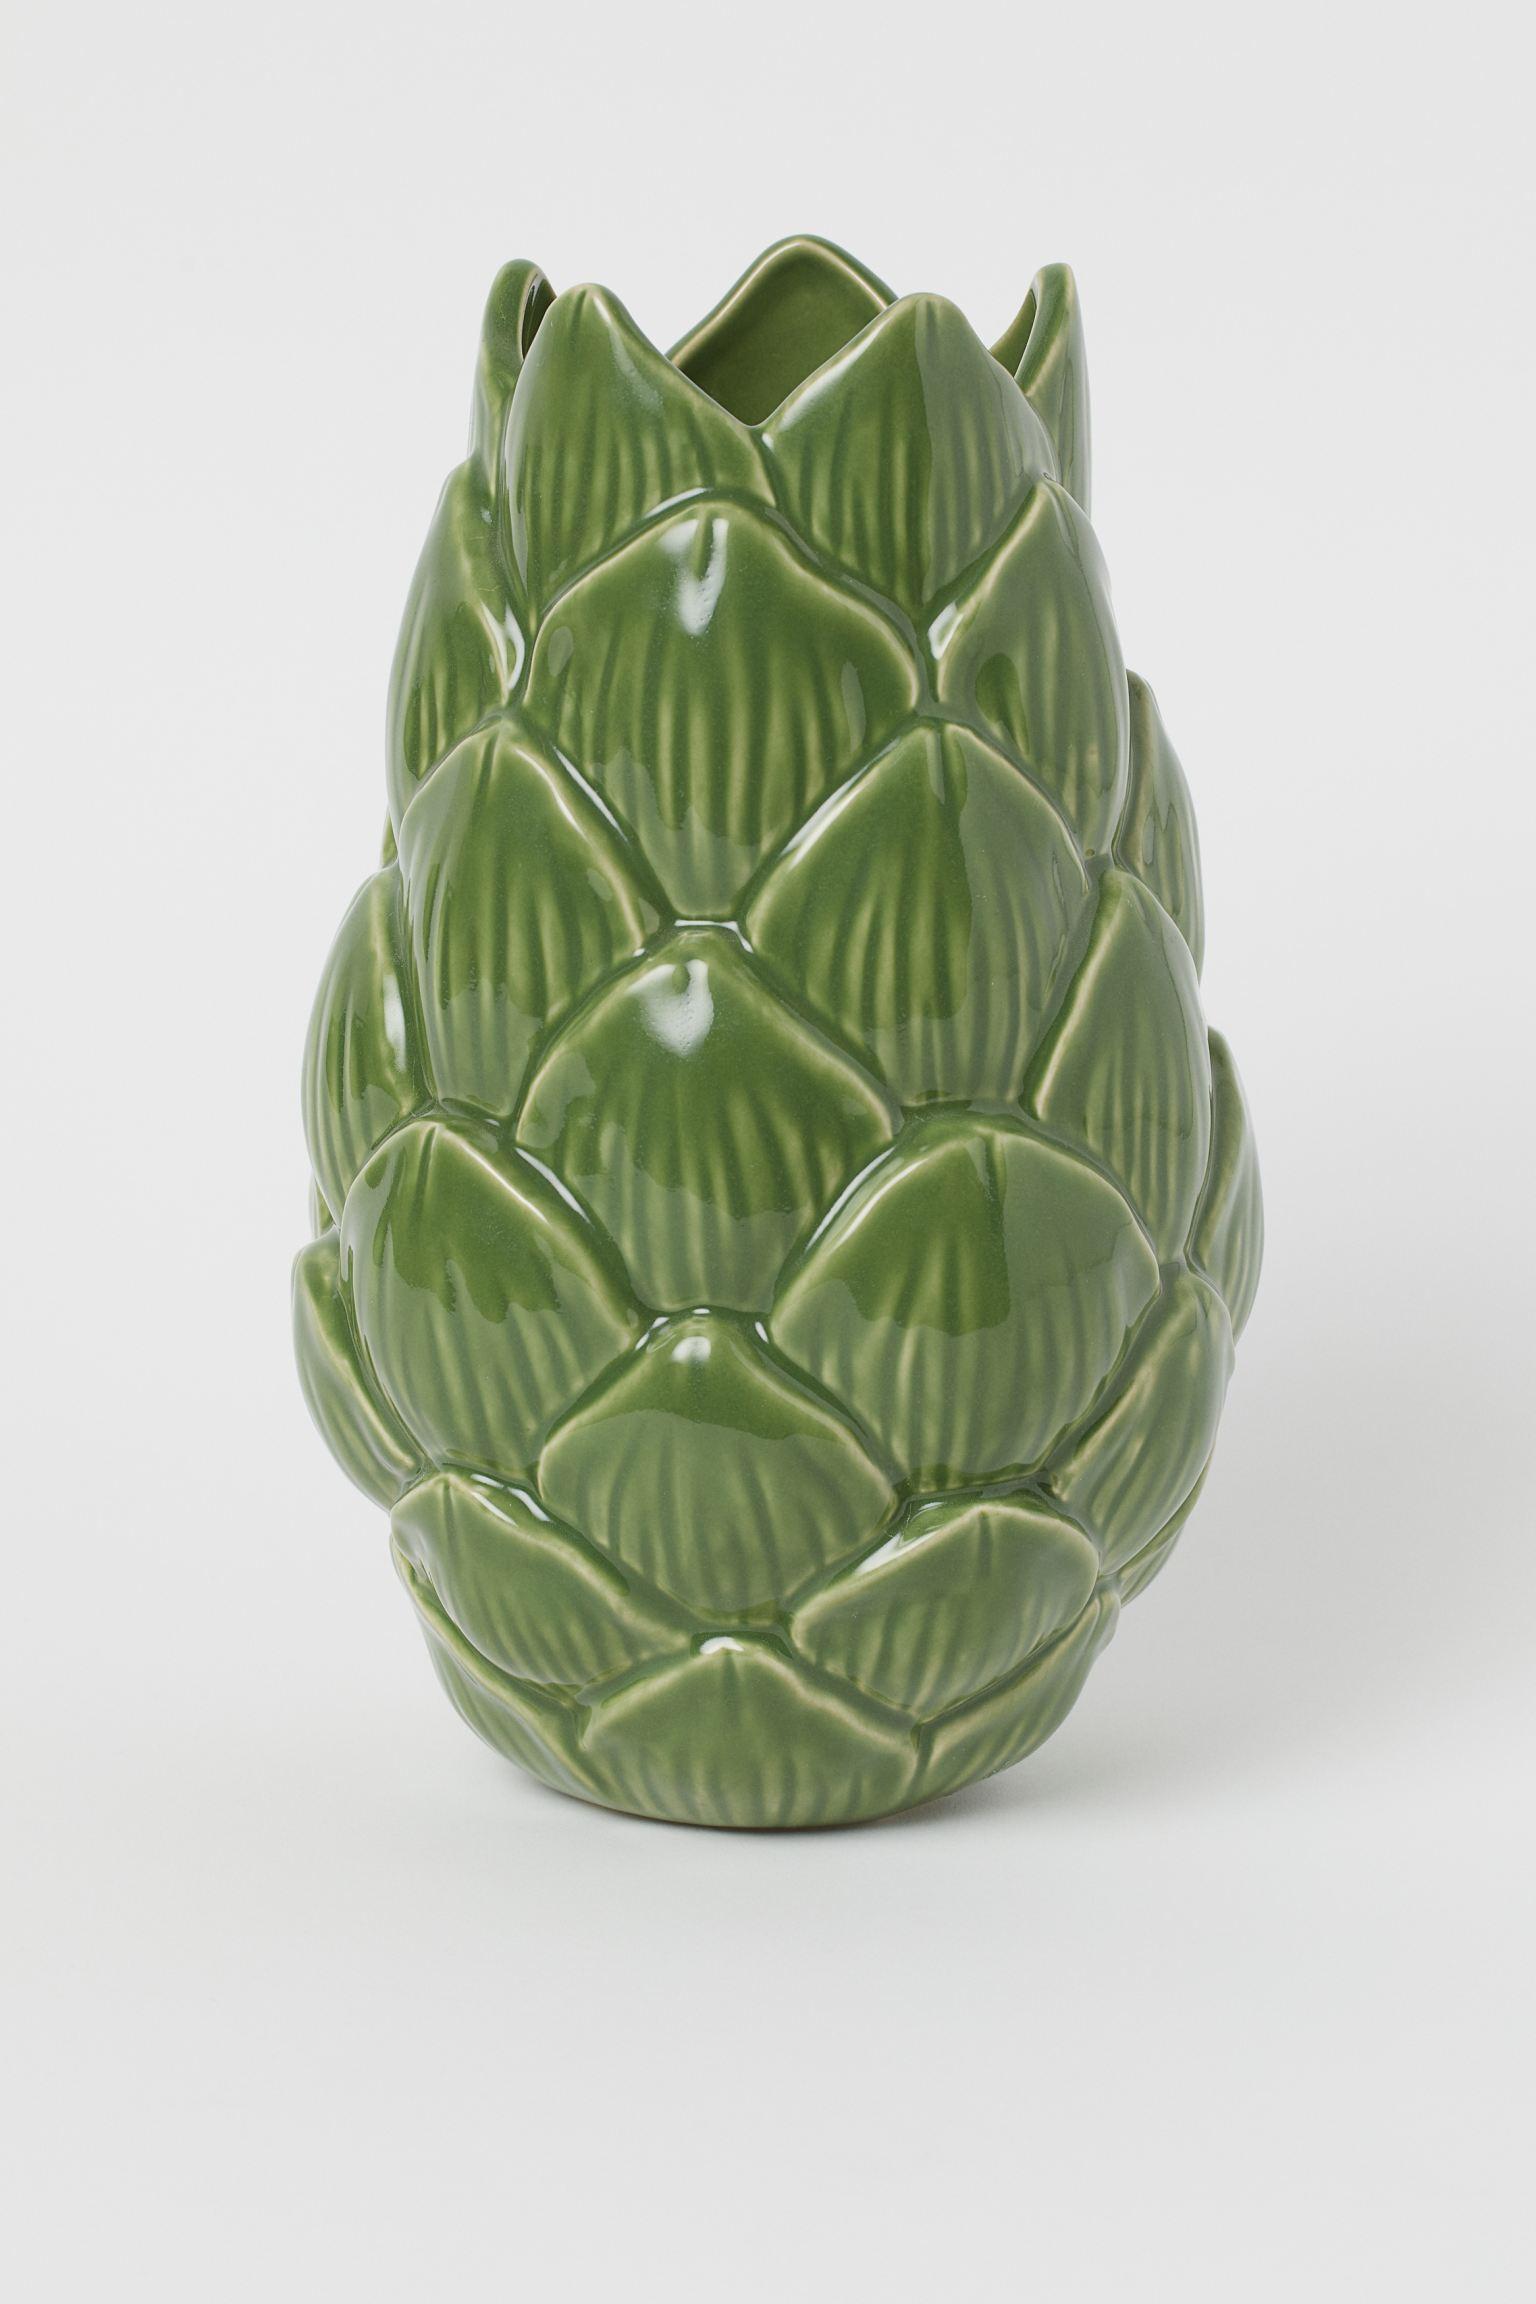 vazaa ceramica hm